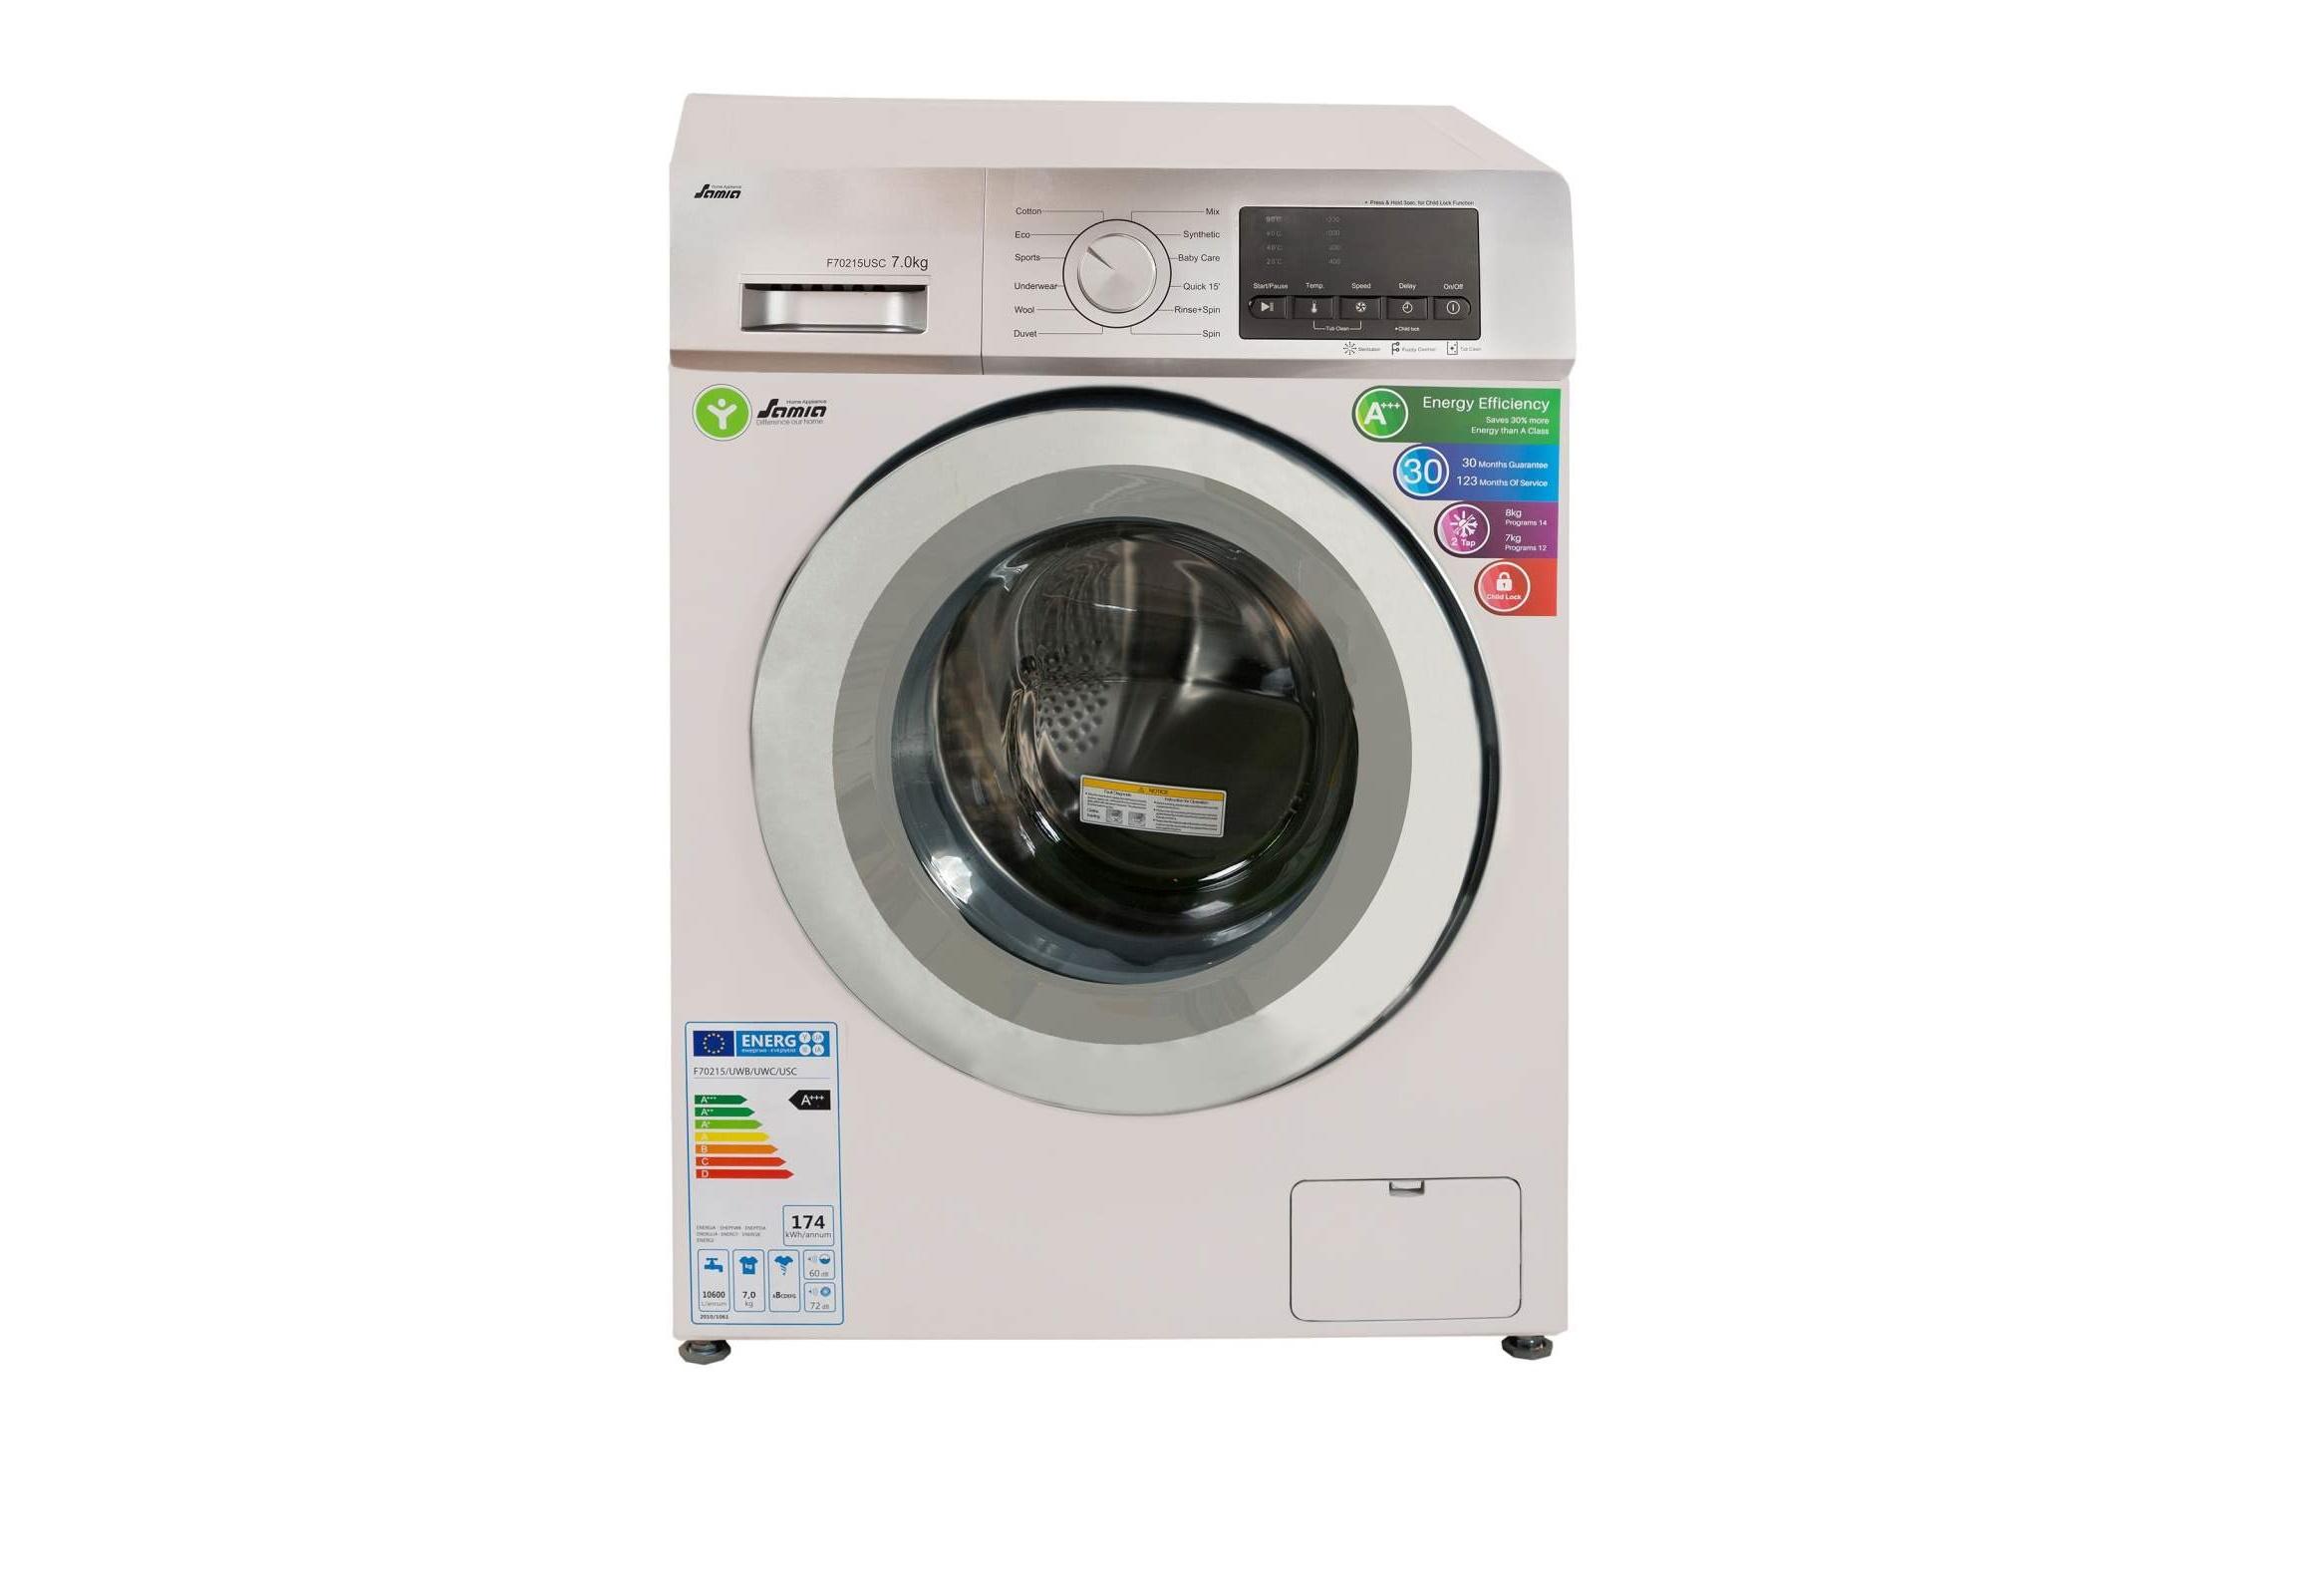 خرید ماشین لباسشویی سامیا مدل F70215USC ظرفیت 7 کیلوگرم